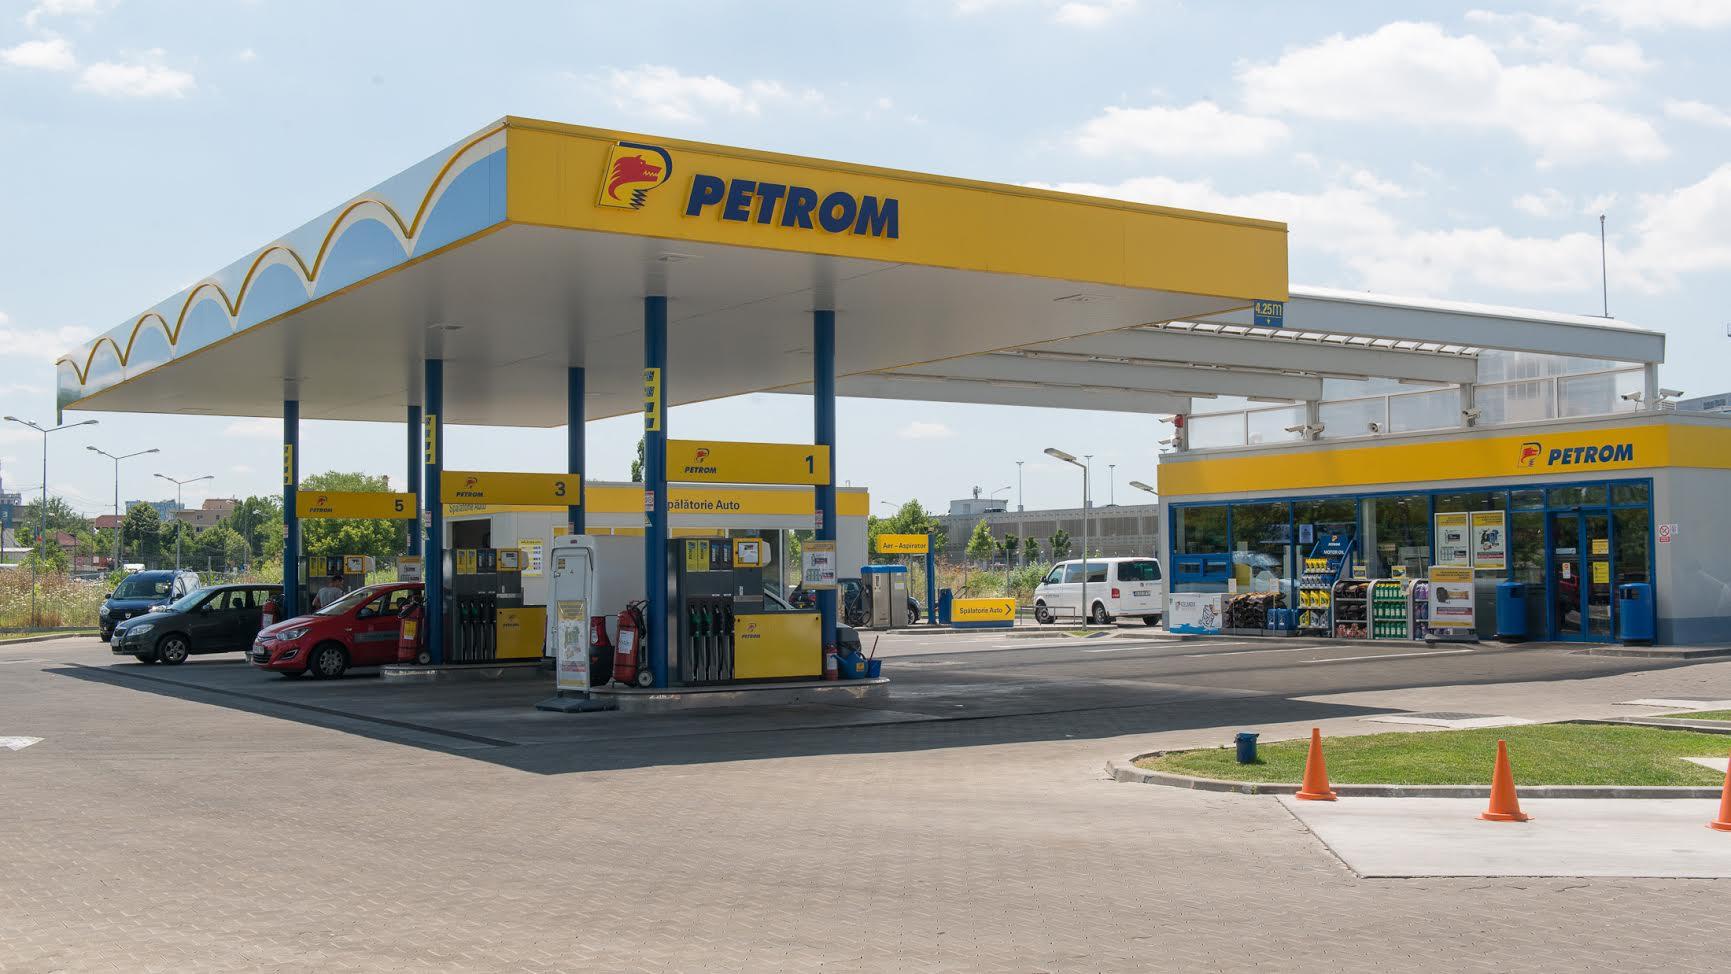 Fondul Proprietatea obţine aproape 400 milioane lei din vânzarea a 2,5% din OMV Petrom